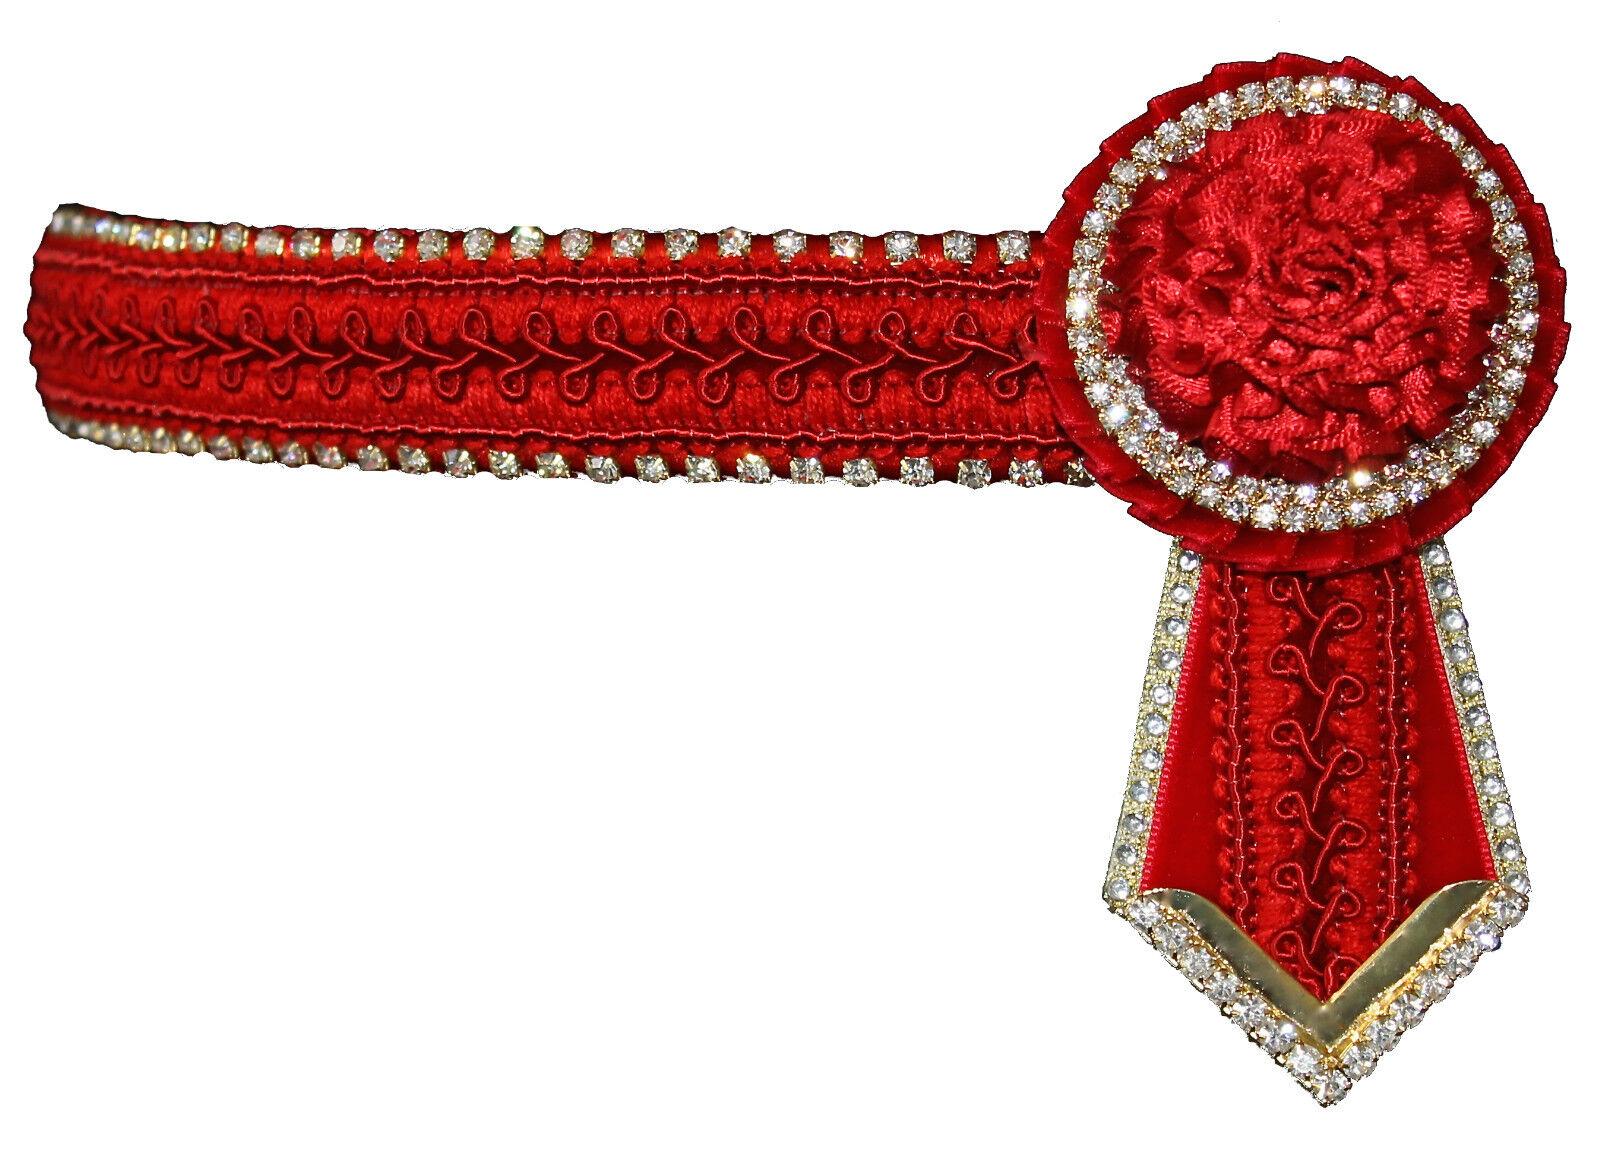 oro Rojo Claro Cristal Bling frontalera Mega Brillante mostrando Ecuestre Caballo Nuevo